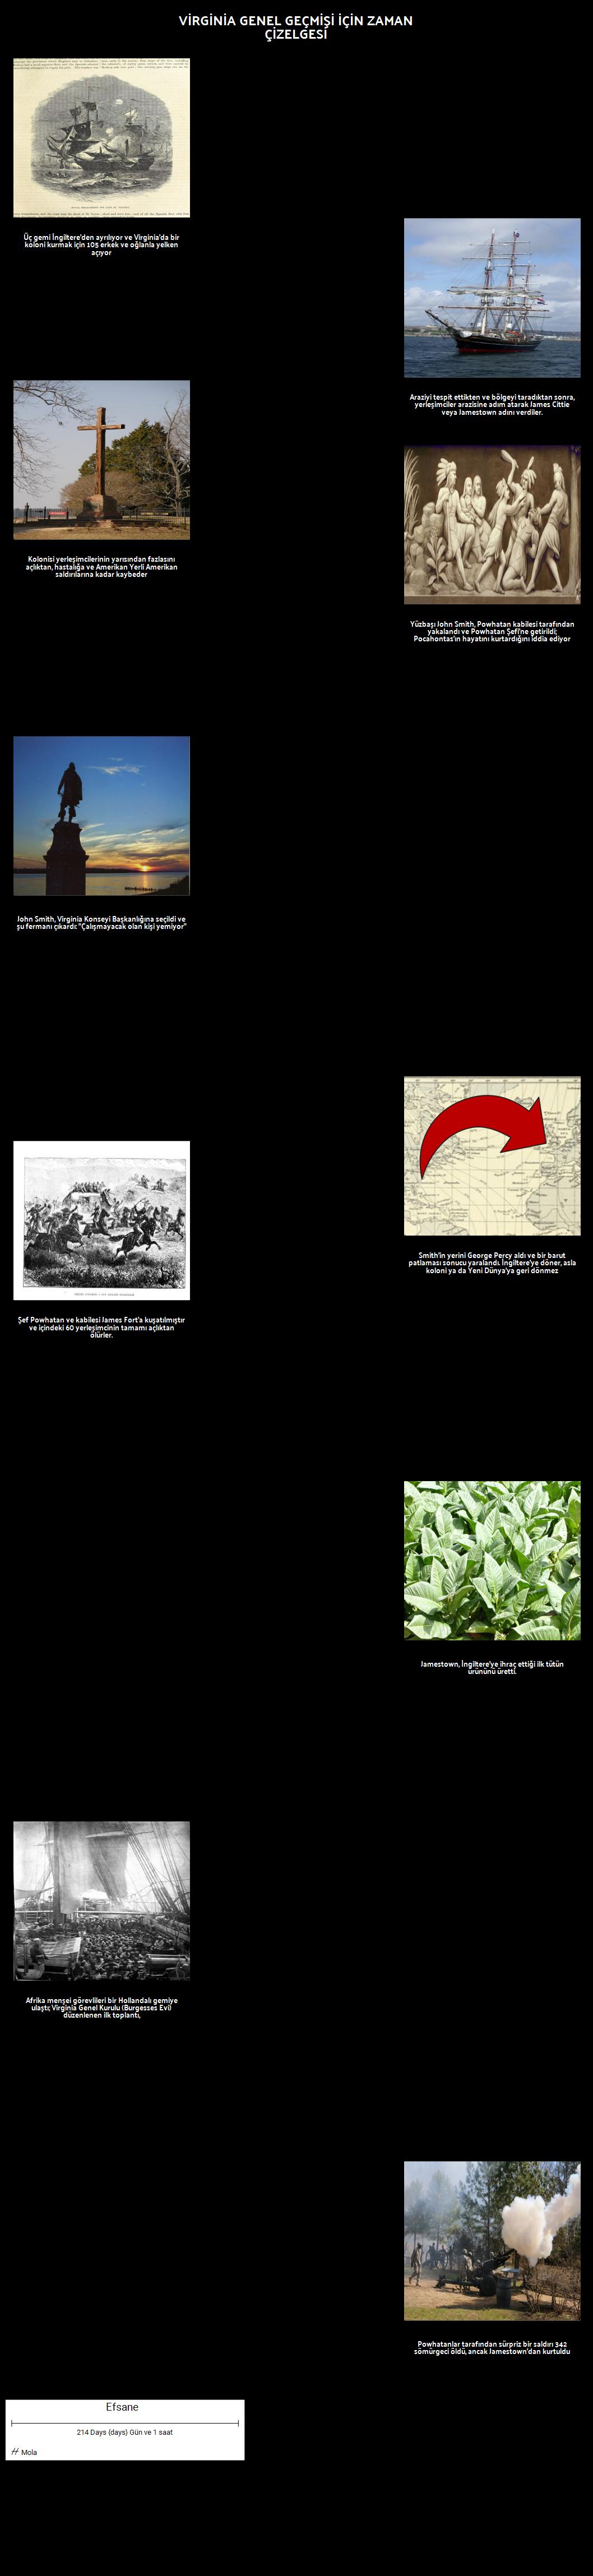 Virginia Genel Tarihi Zaman Çizelgesi